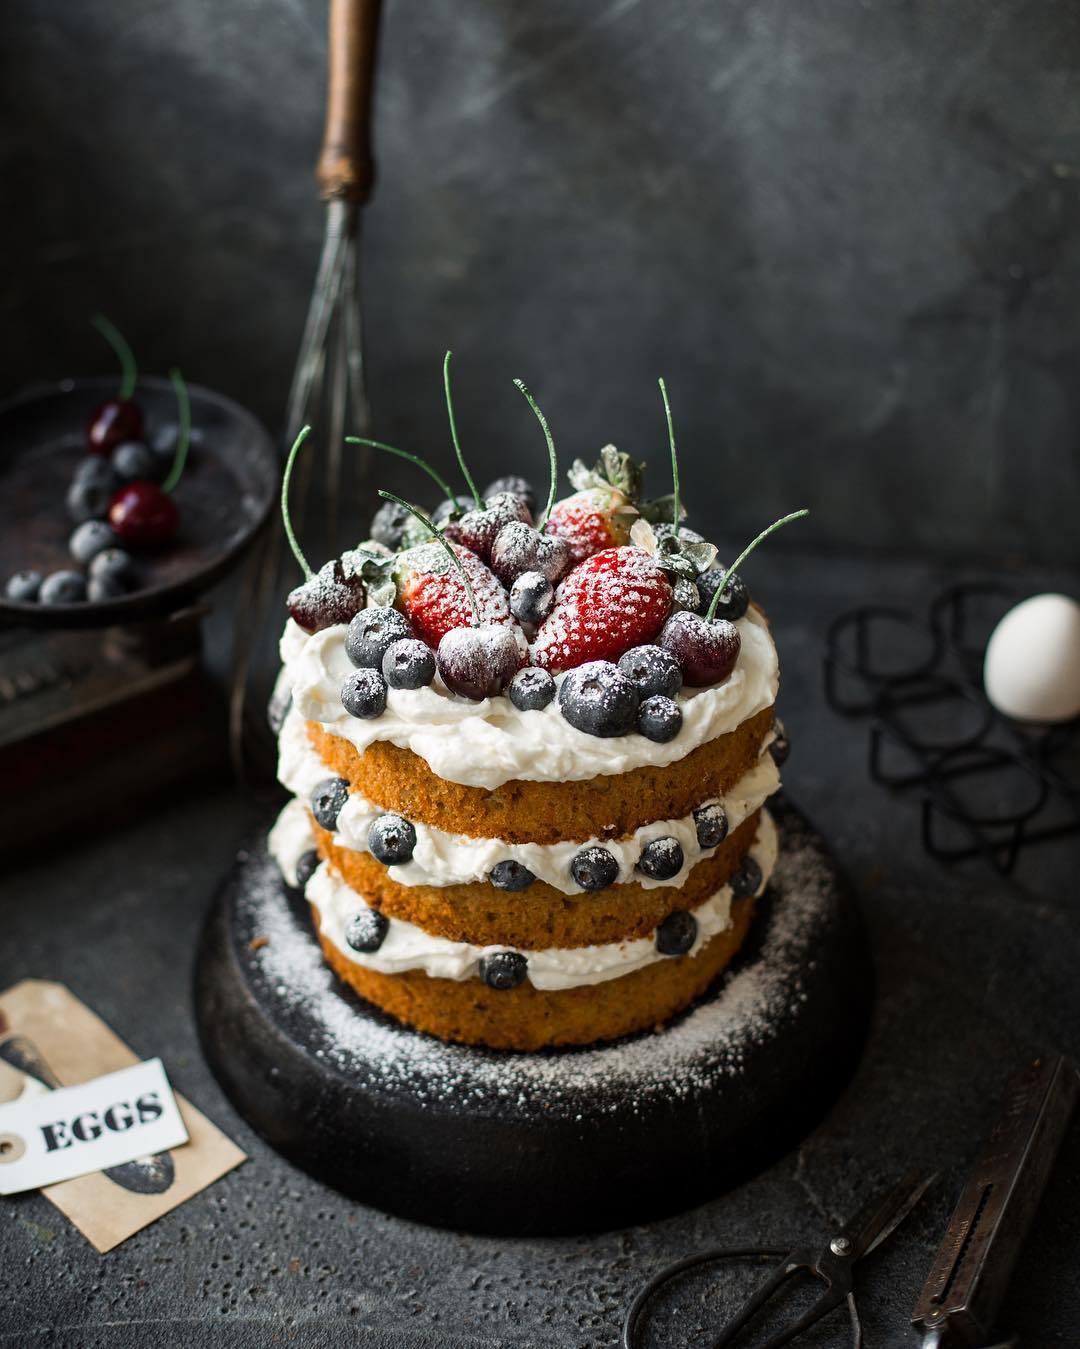 宠物-这位漂亮的美女蛋糕师,让猫咪来为蛋糕代言,将平淡无奇的蛋糕化腐朽为神奇(22)